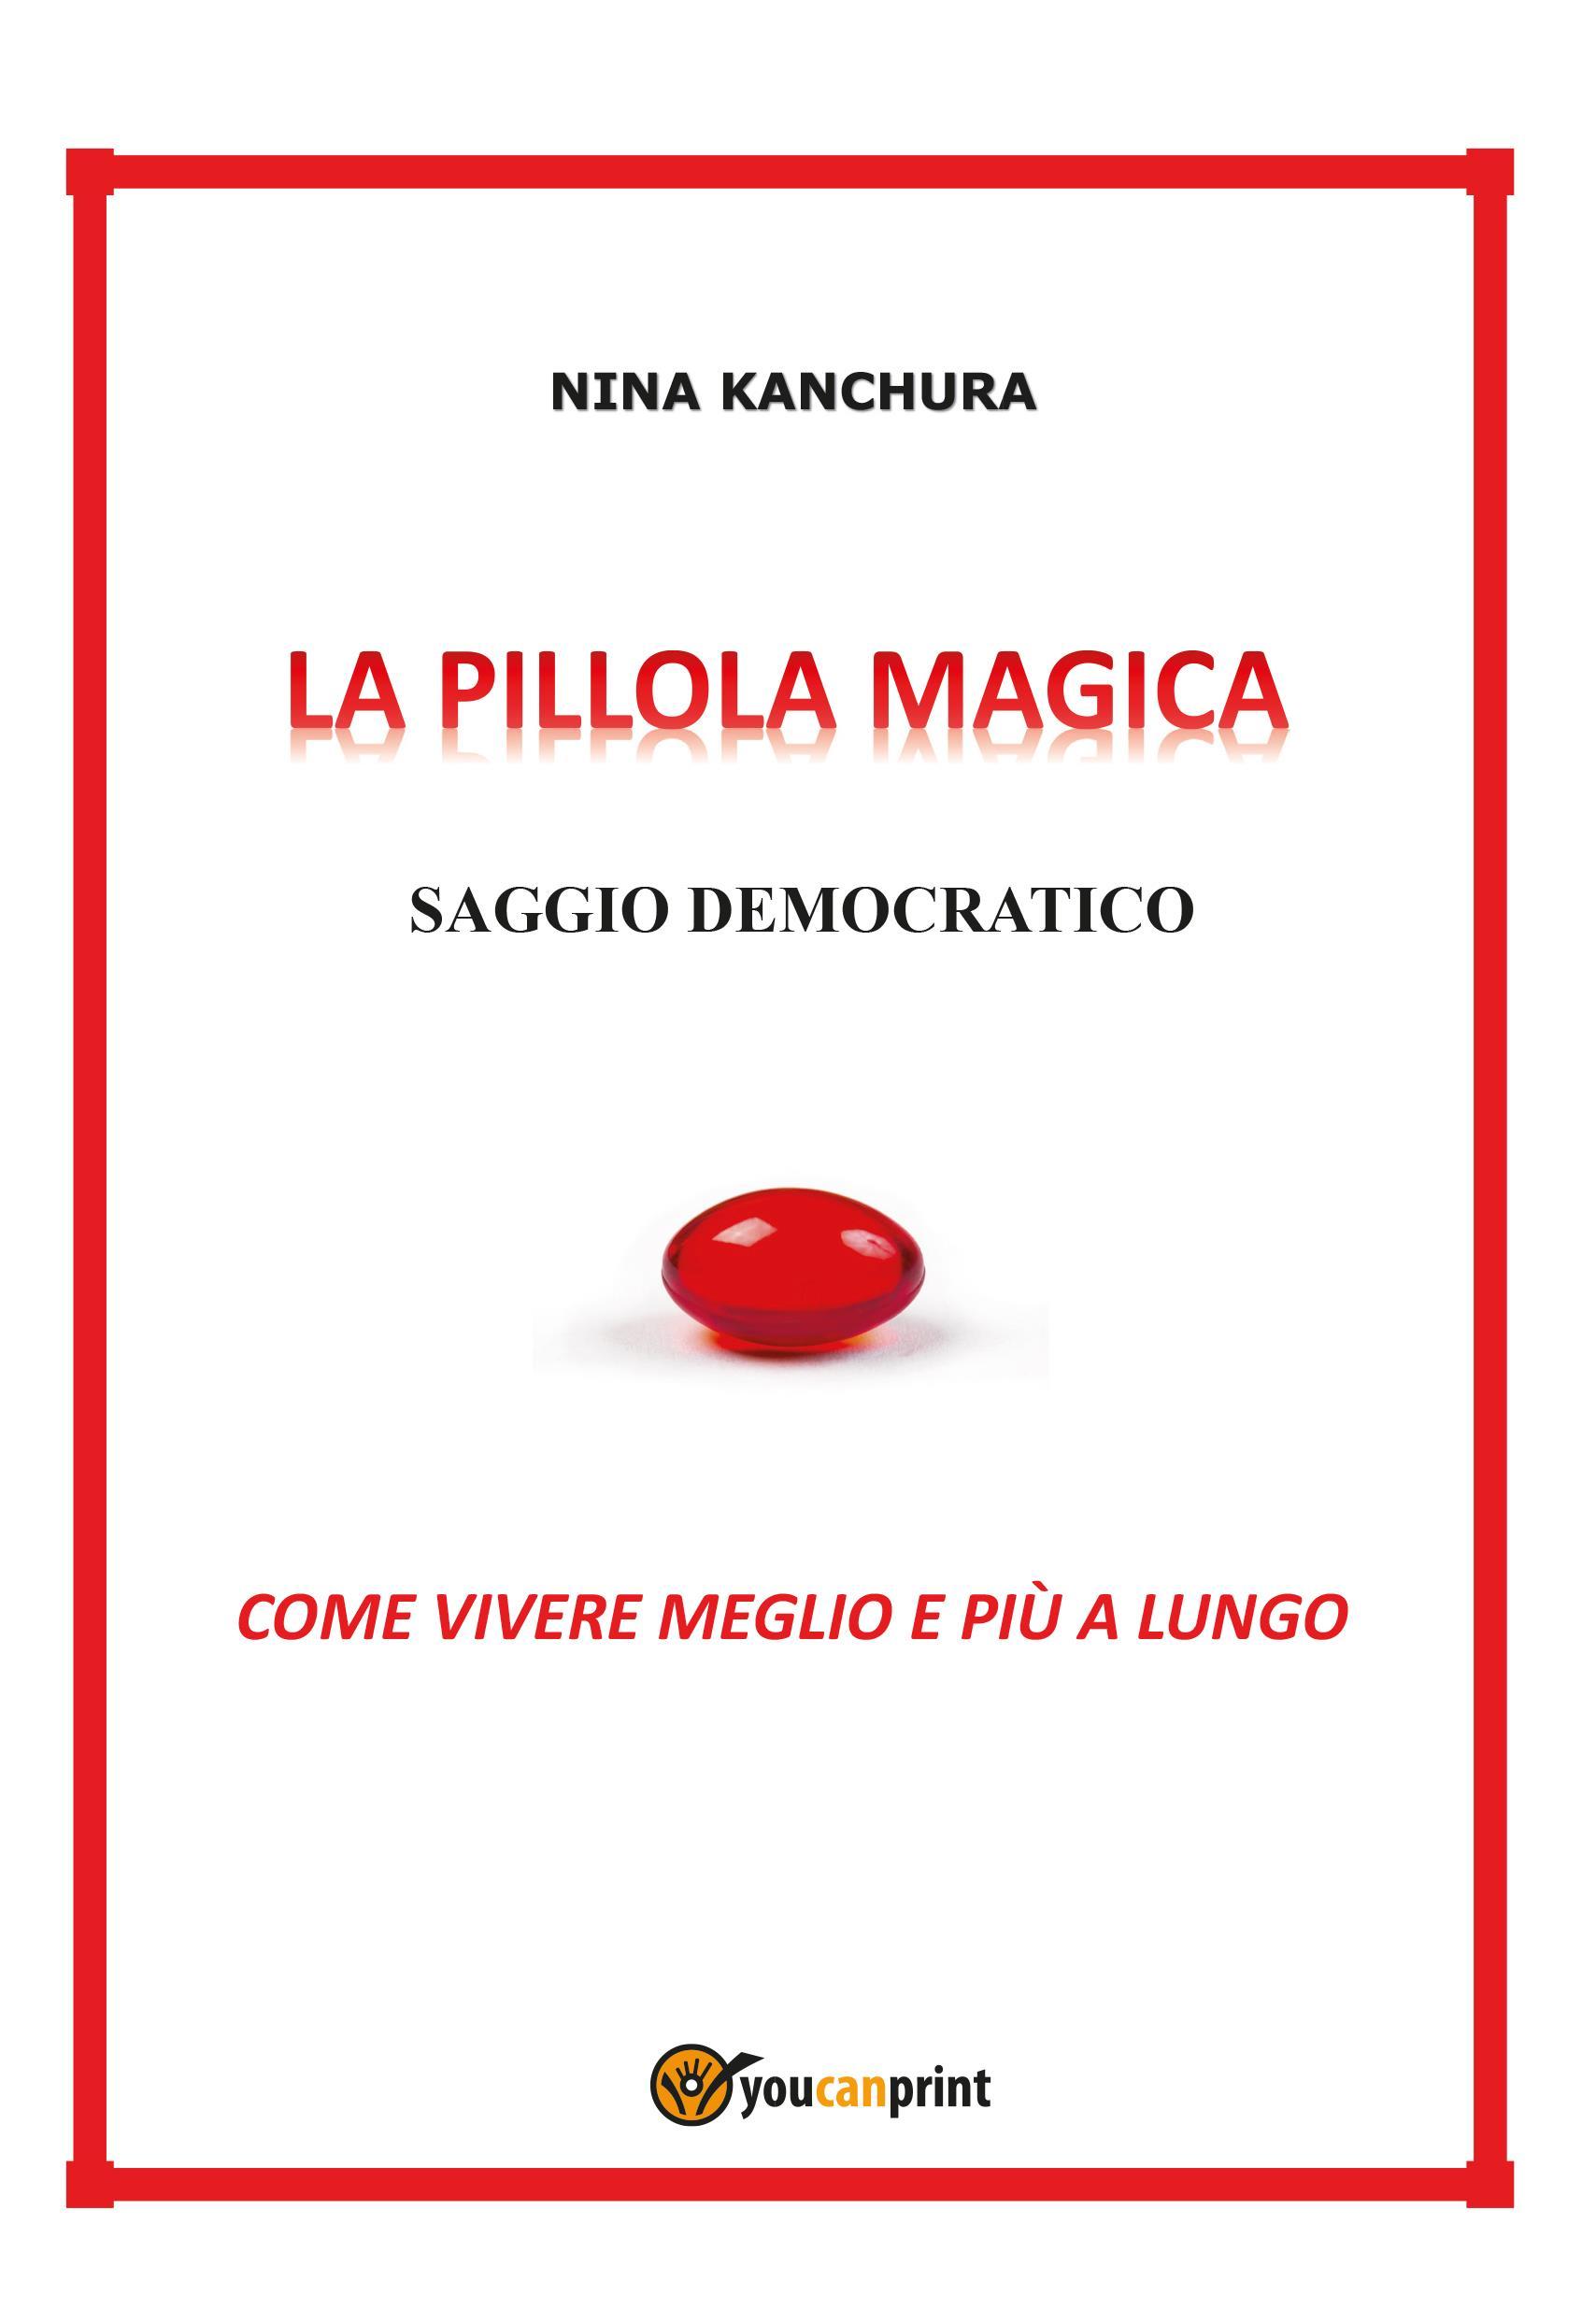 LA PILLOLA MAGICA - Saggio democratico